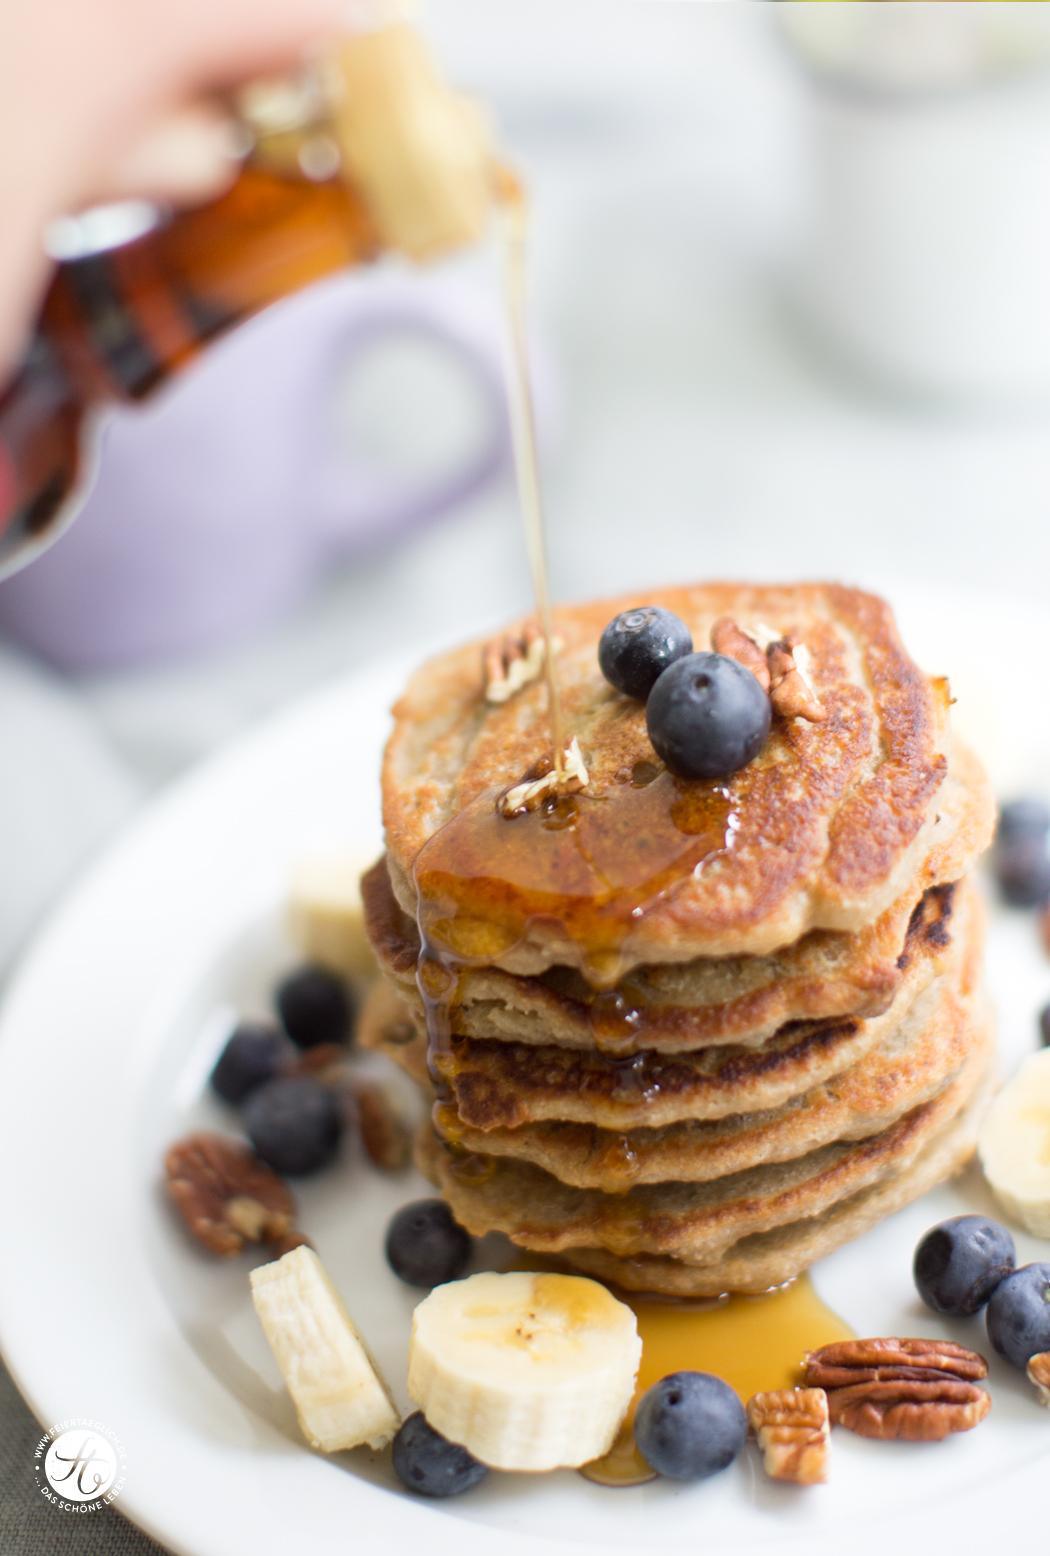 Banana-Oatmeal Pancakes mit Pekannüssen und Blaubeeren mit Ahornsirup vegan und glutenfrei | Rezept von feiertäglich.de